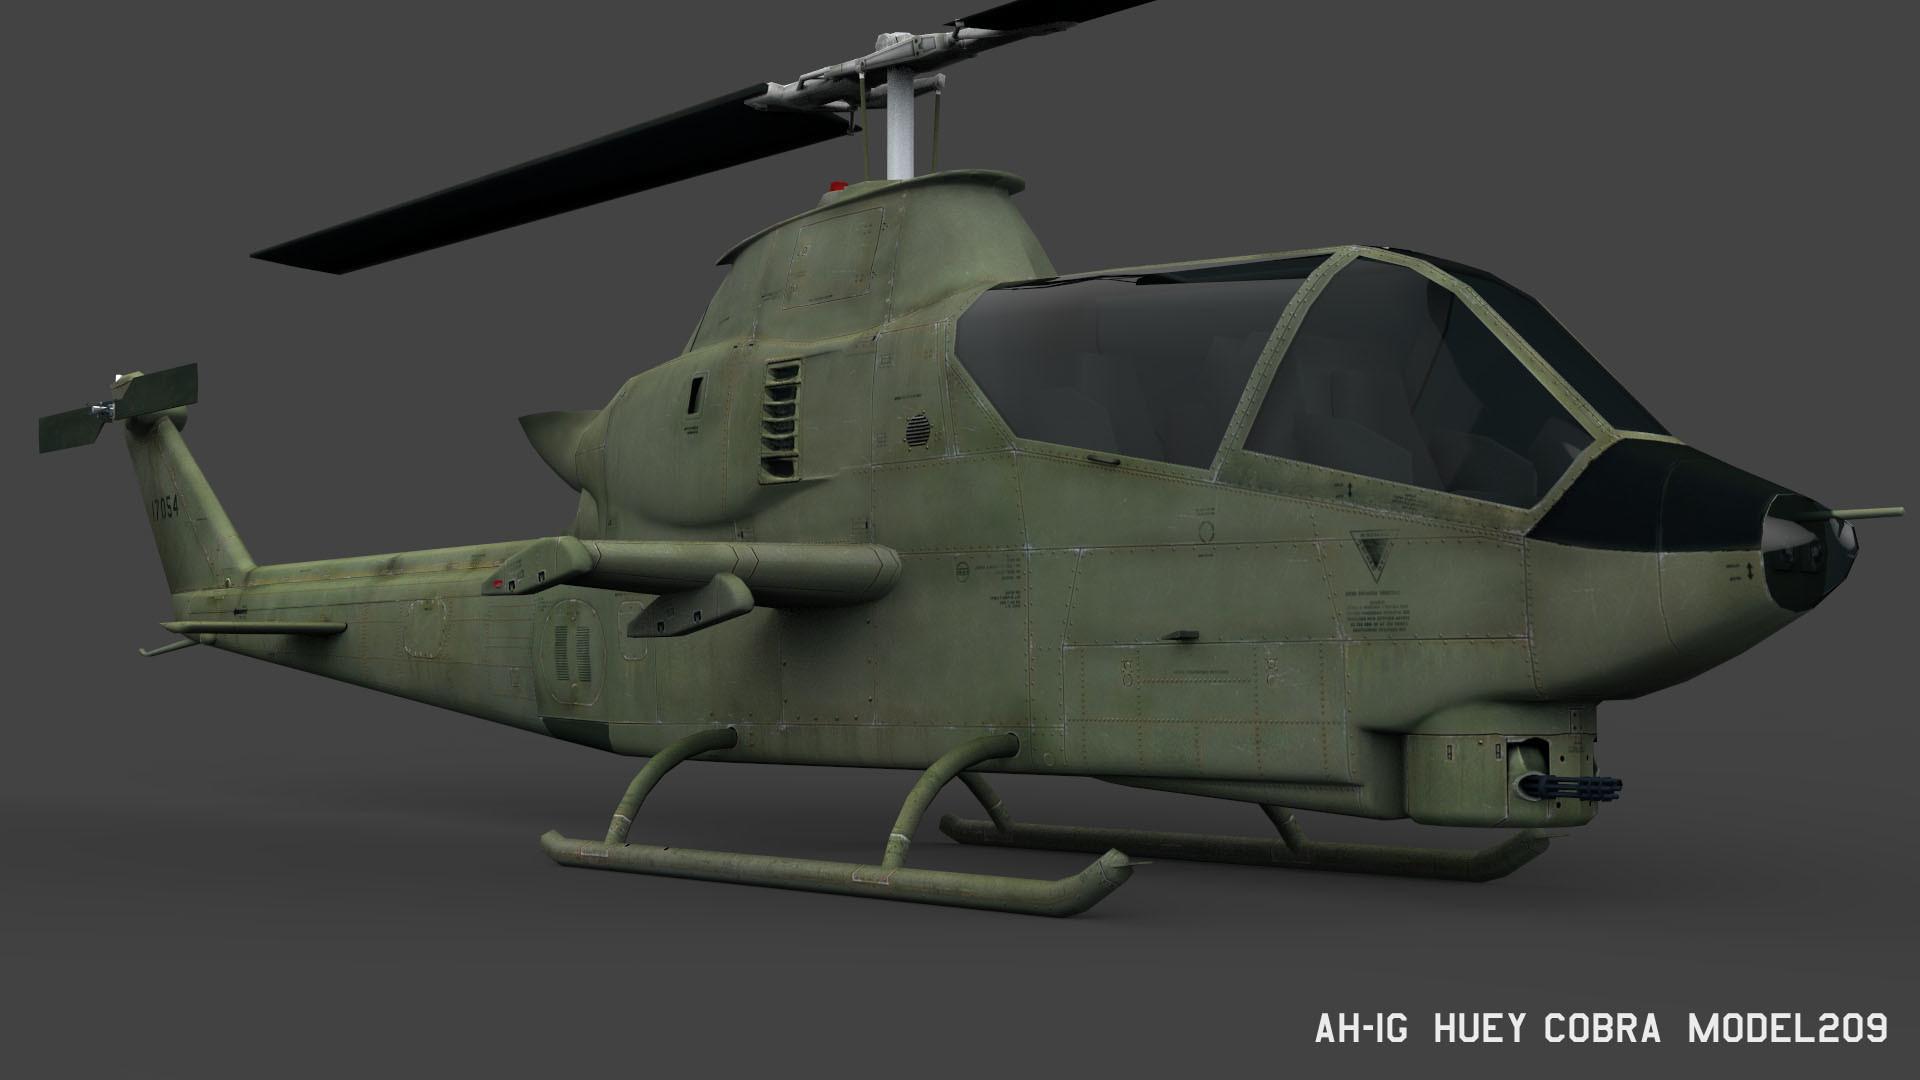 Dzmitry ivanou ah 1g hueycobra model209 02